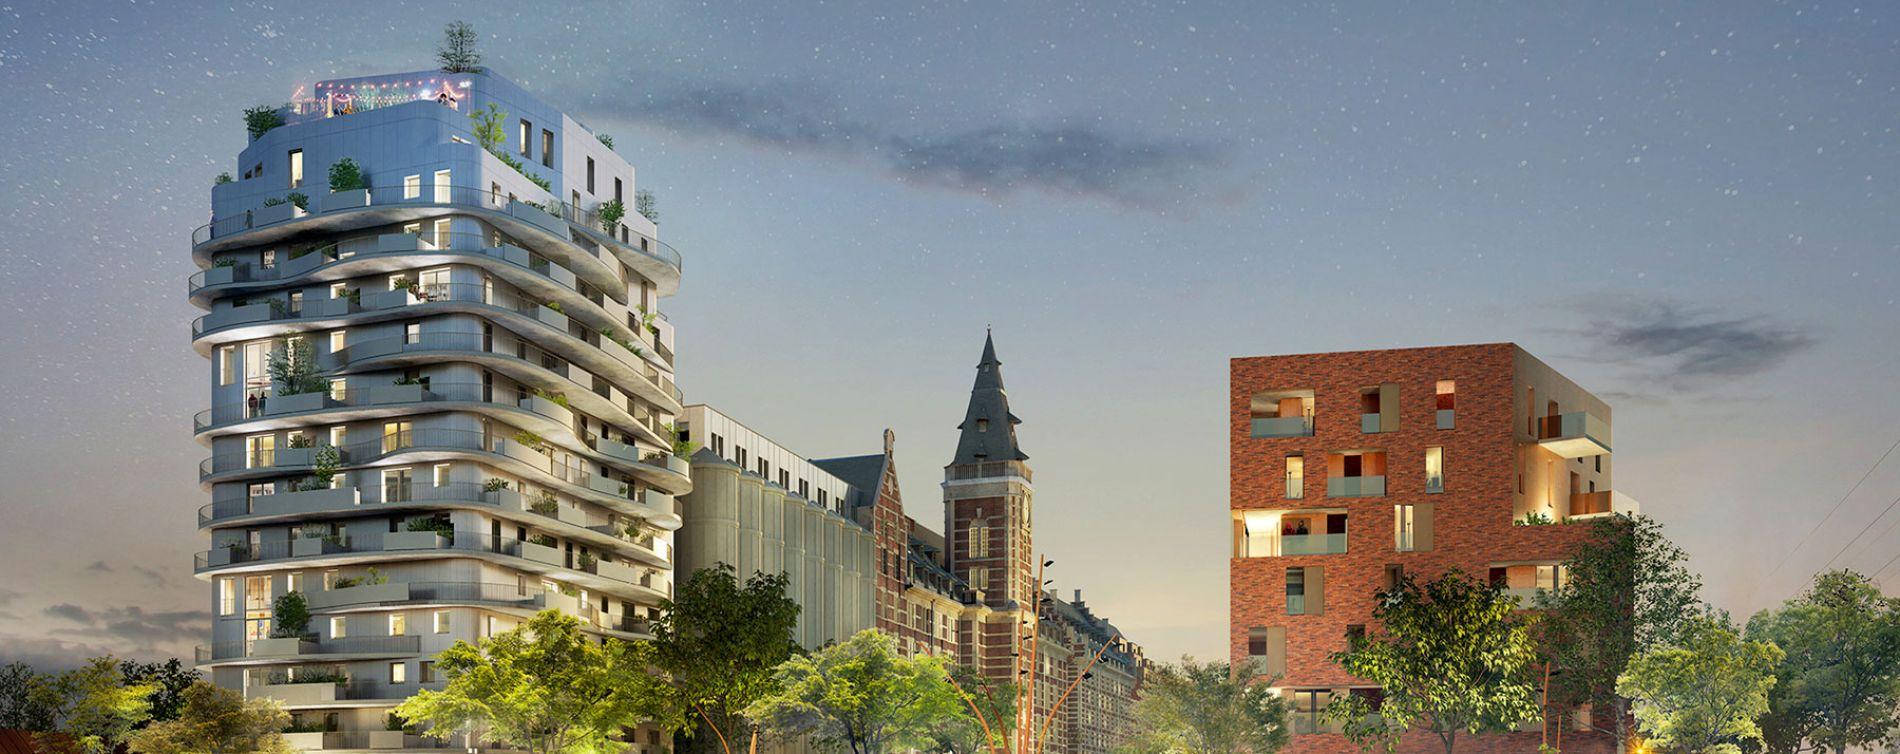 Marquette-lez-Lille : programme immobilier à rénover « Les Grands Moulins » en Monument Historique (3)